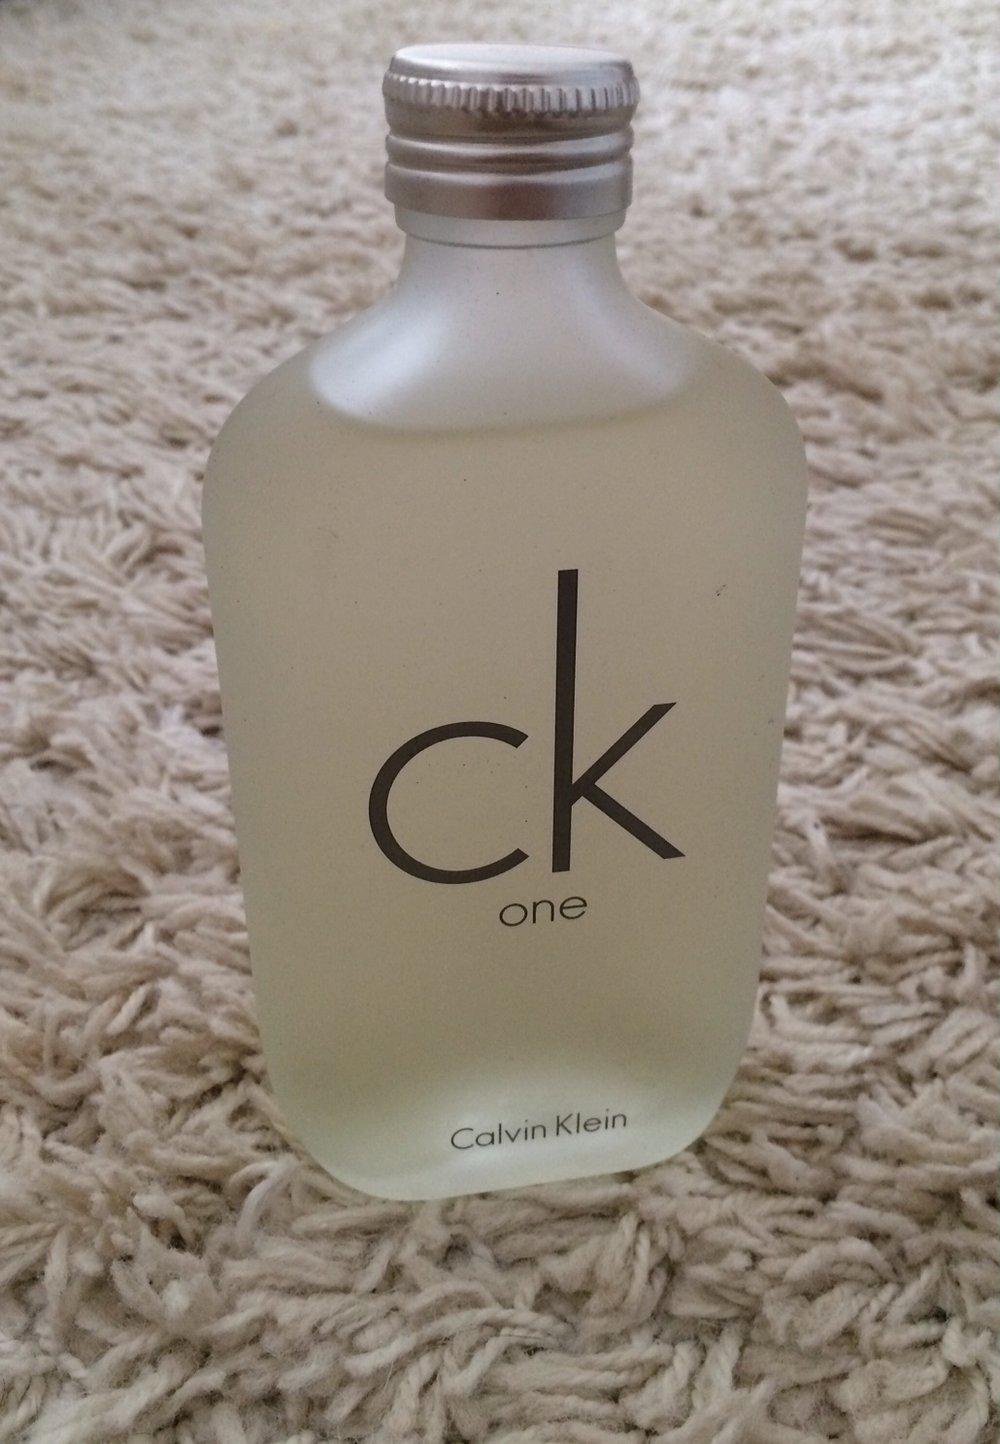 Calvin Klein Ck One 200ml Parfum Unisex Duft Be